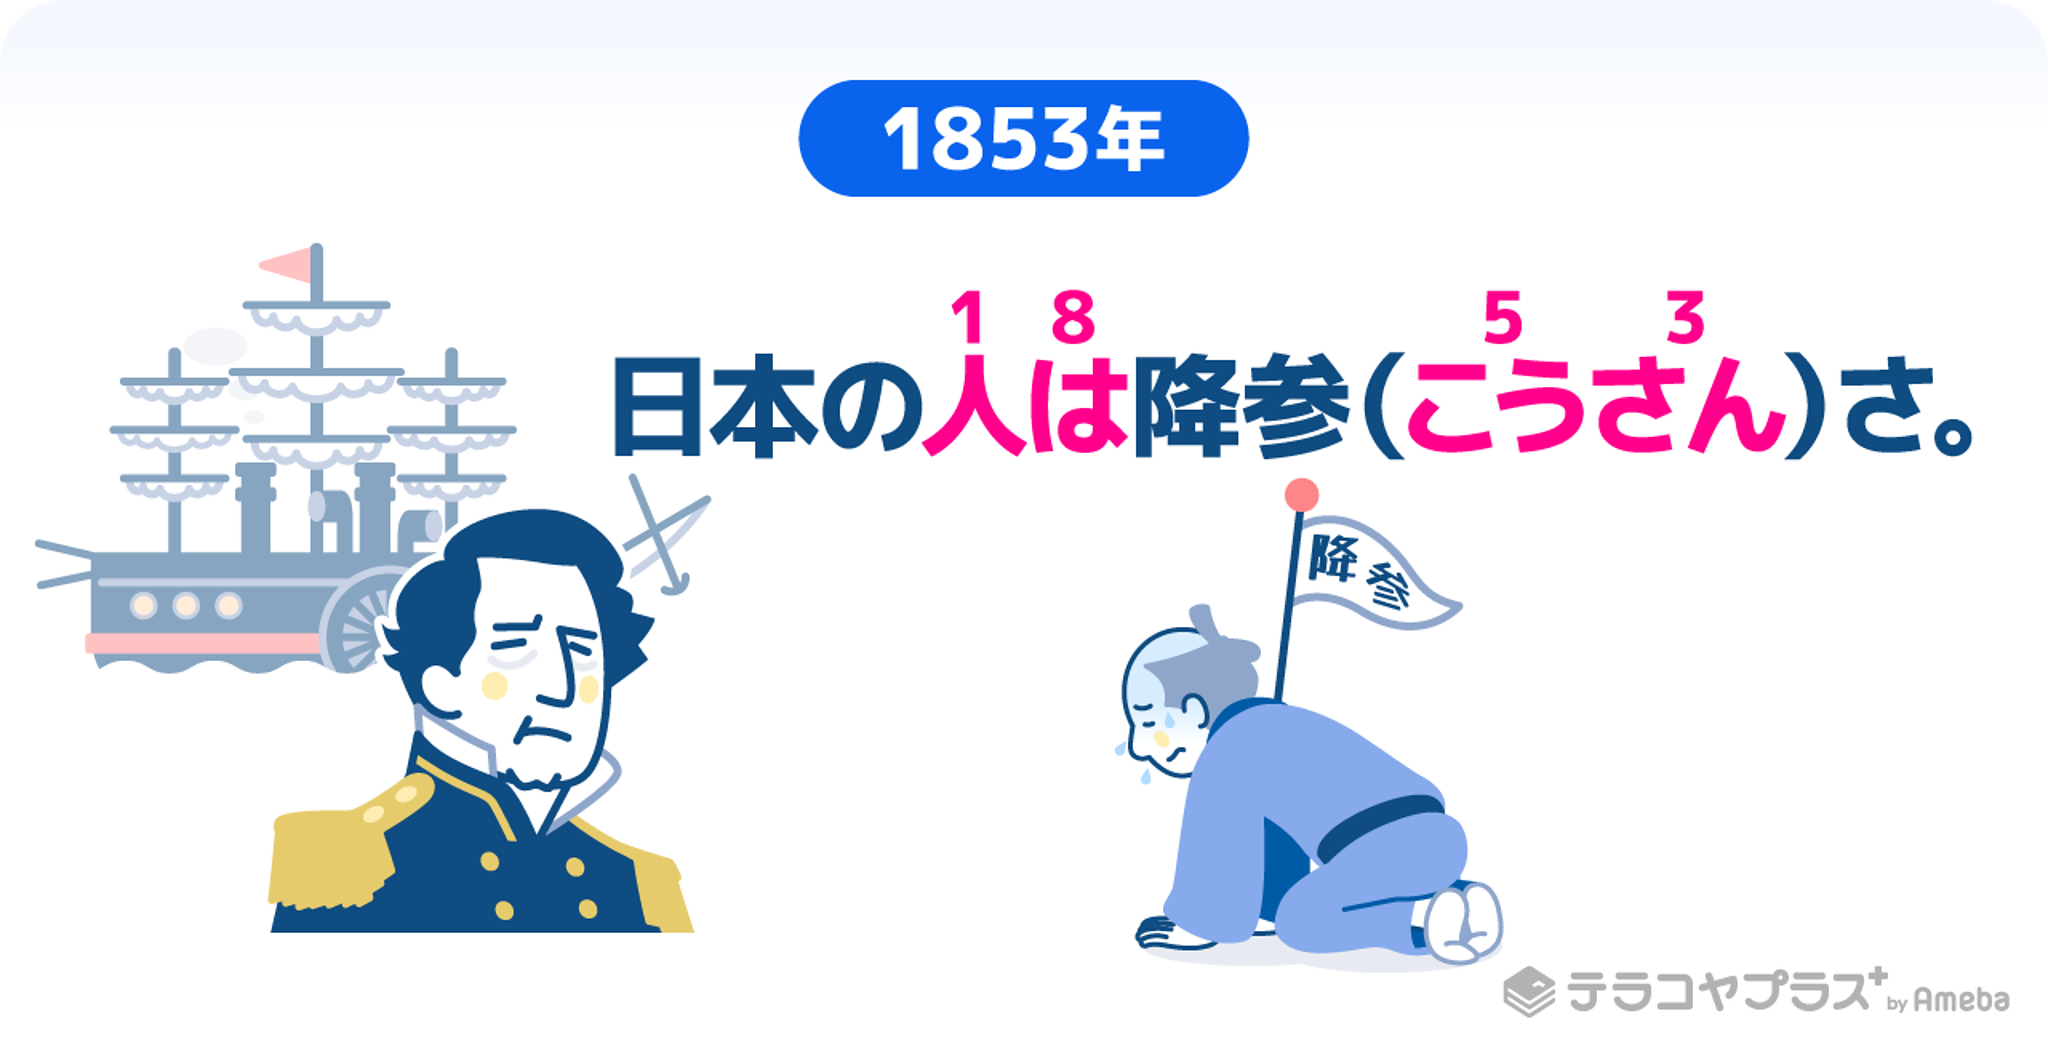 日本人がペリーに降参をしているイラスト画像